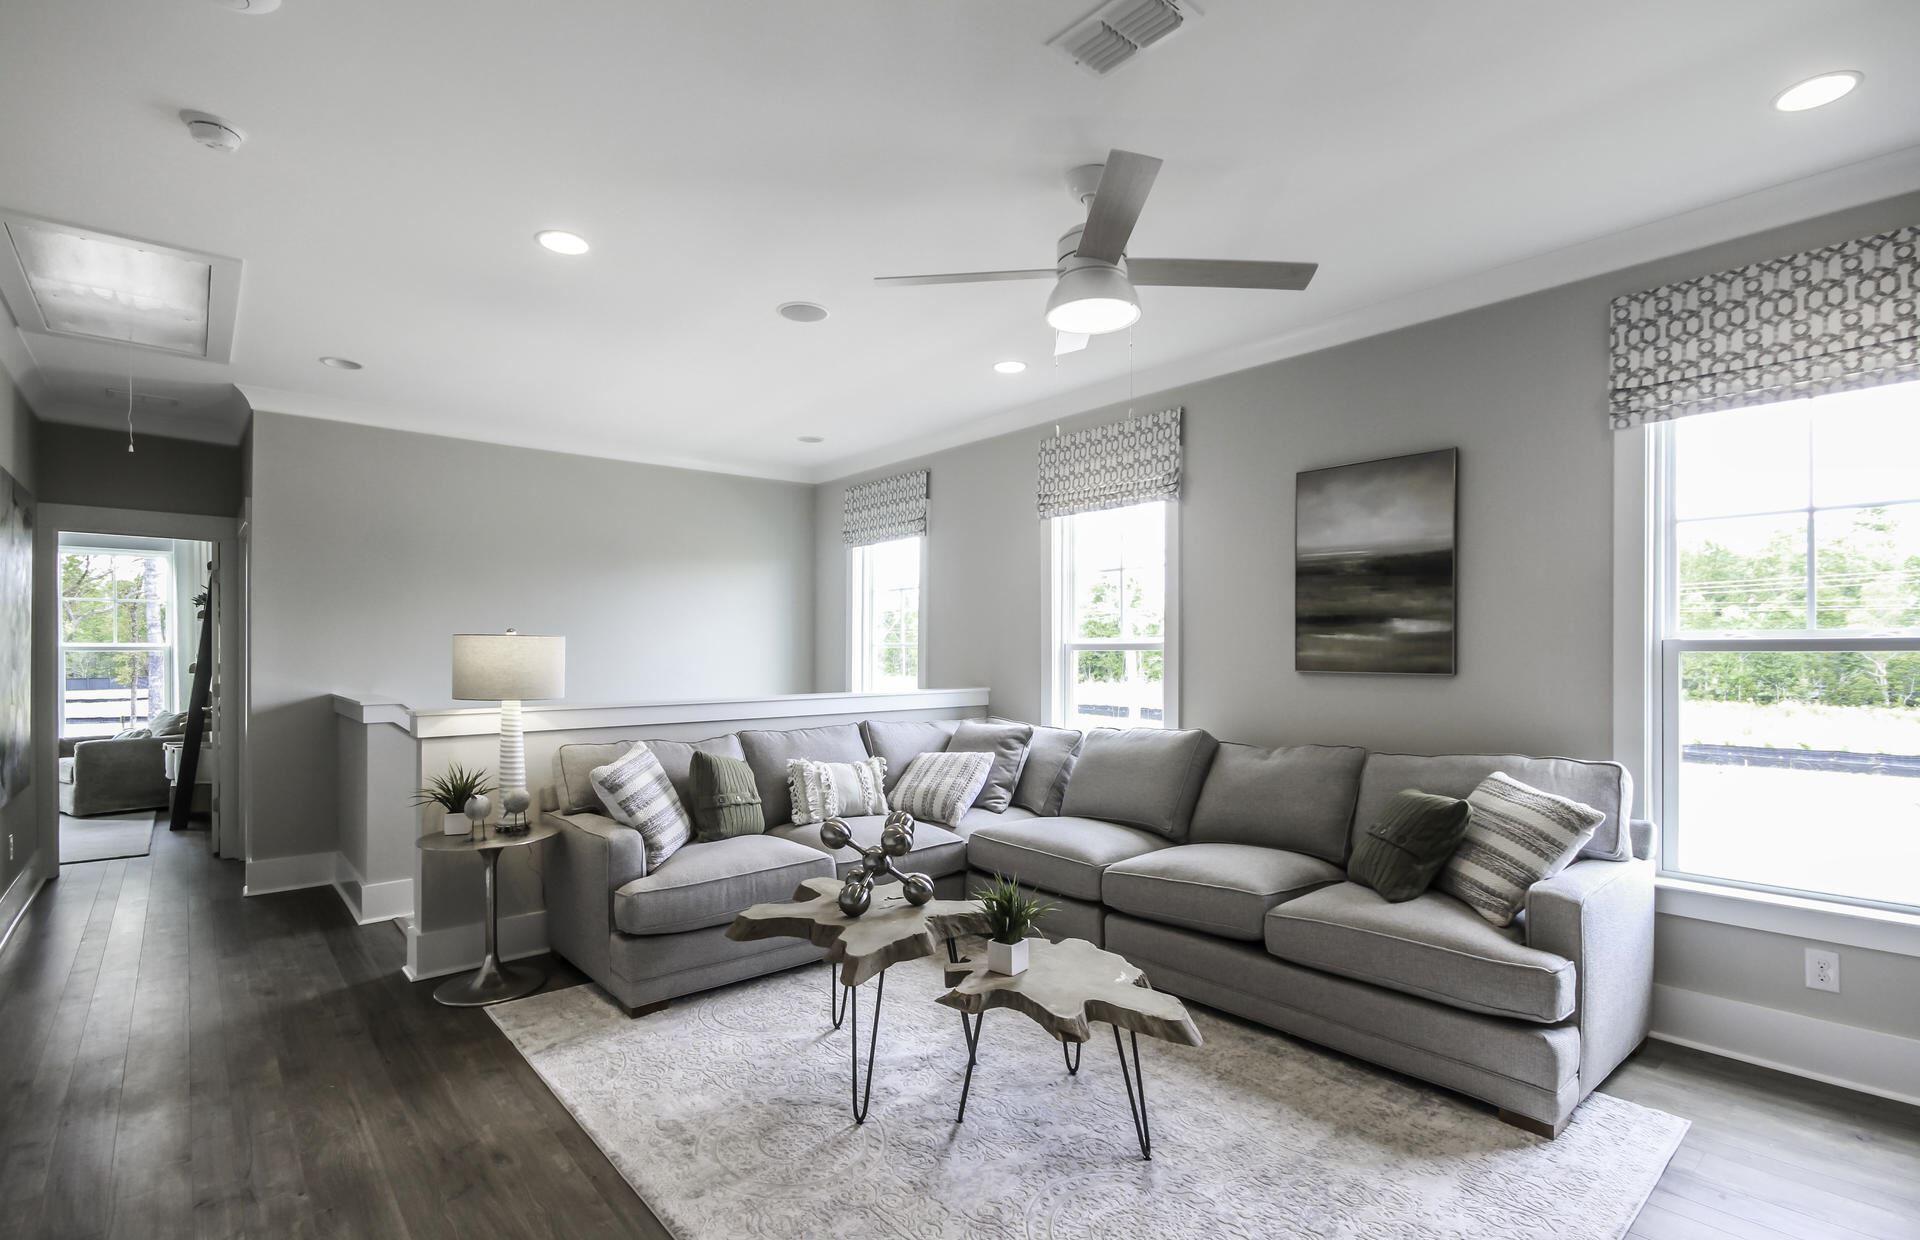 Dunes West Homes For Sale - 3097 Sturbridge, Mount Pleasant, SC - 10